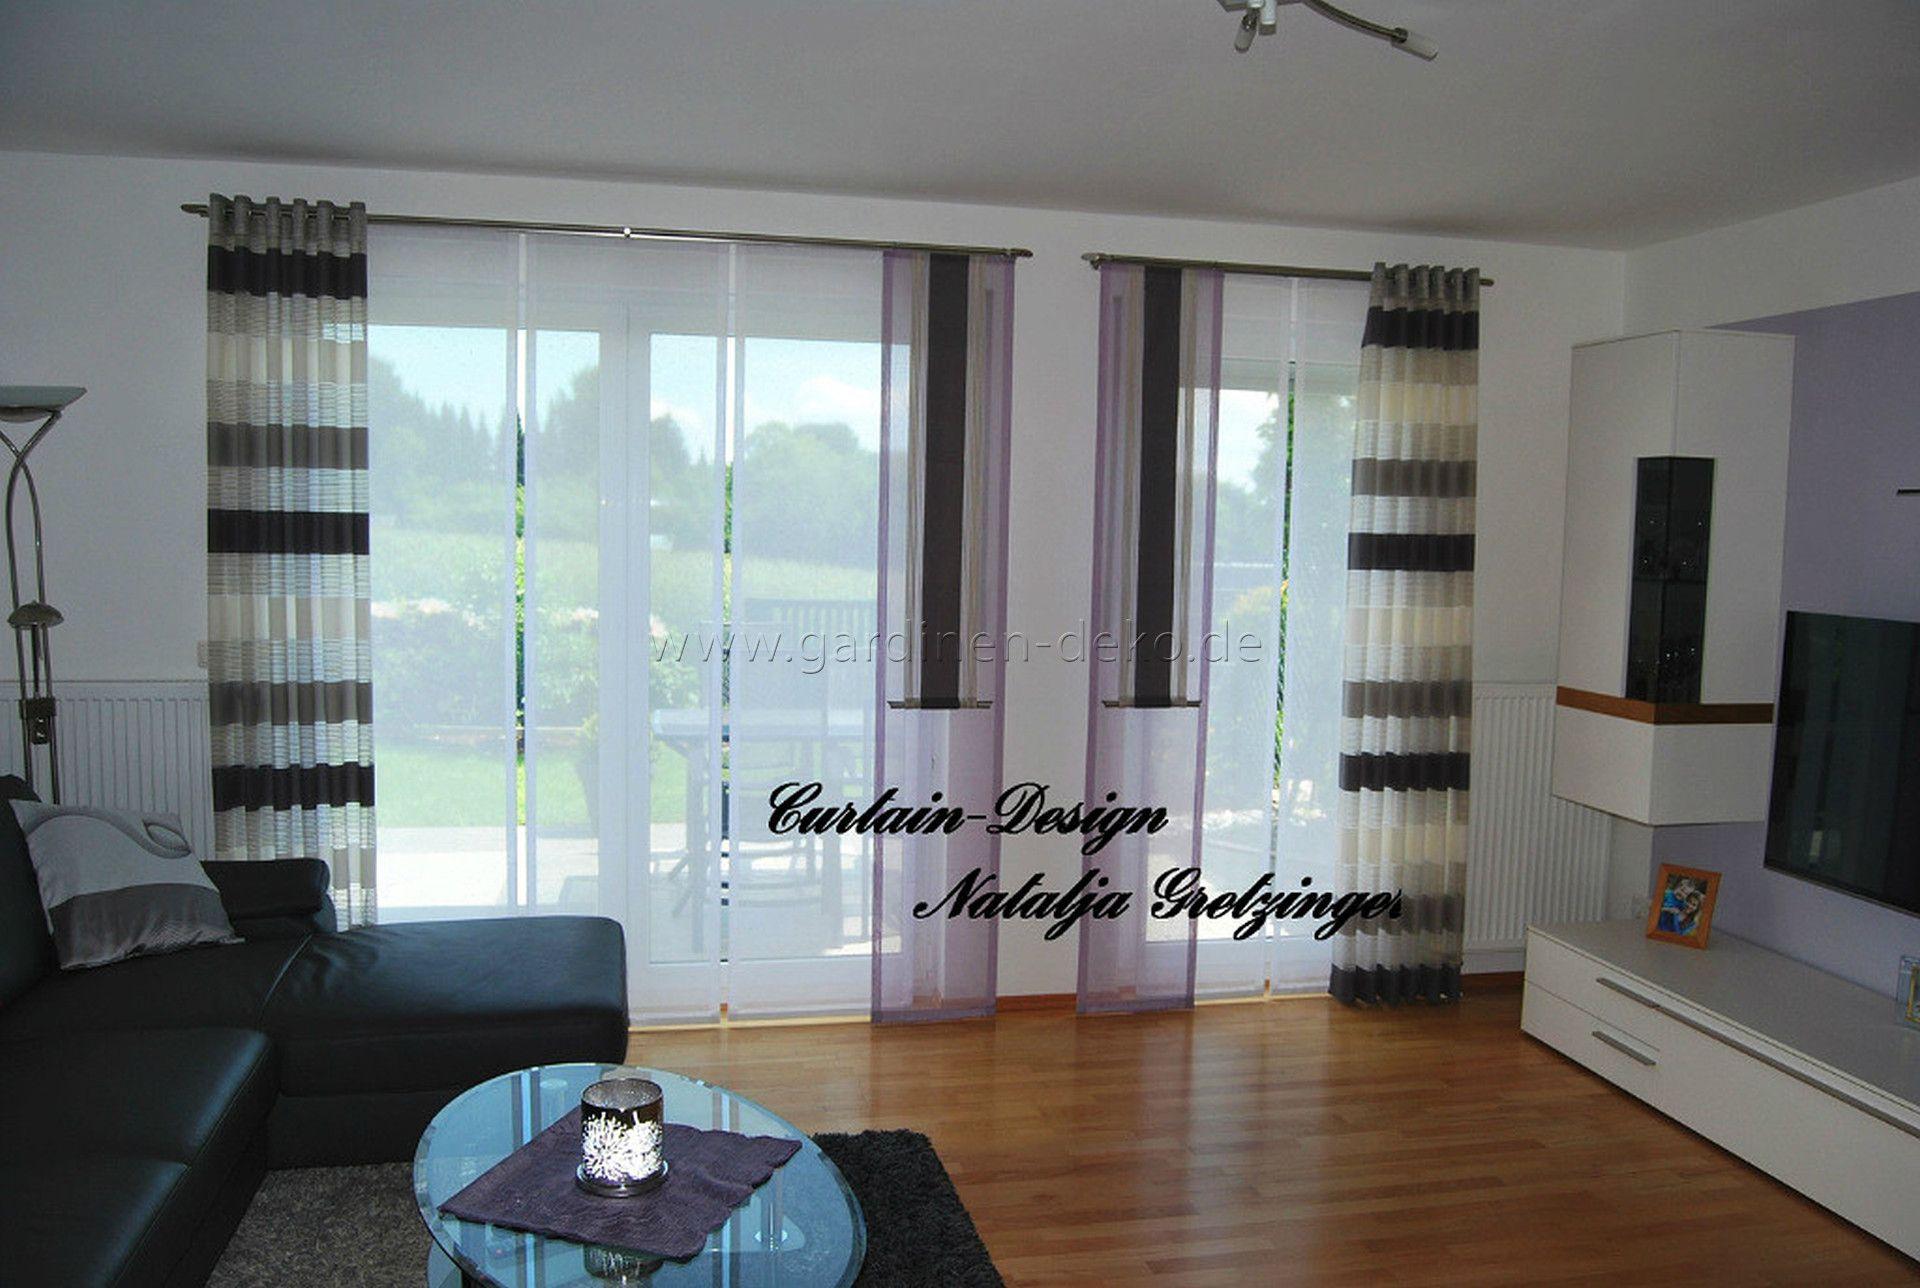 Lila Schiebevorhang frs Wohnzimmer mit grauen Seitenschals  httpwwwgardinendekodelila